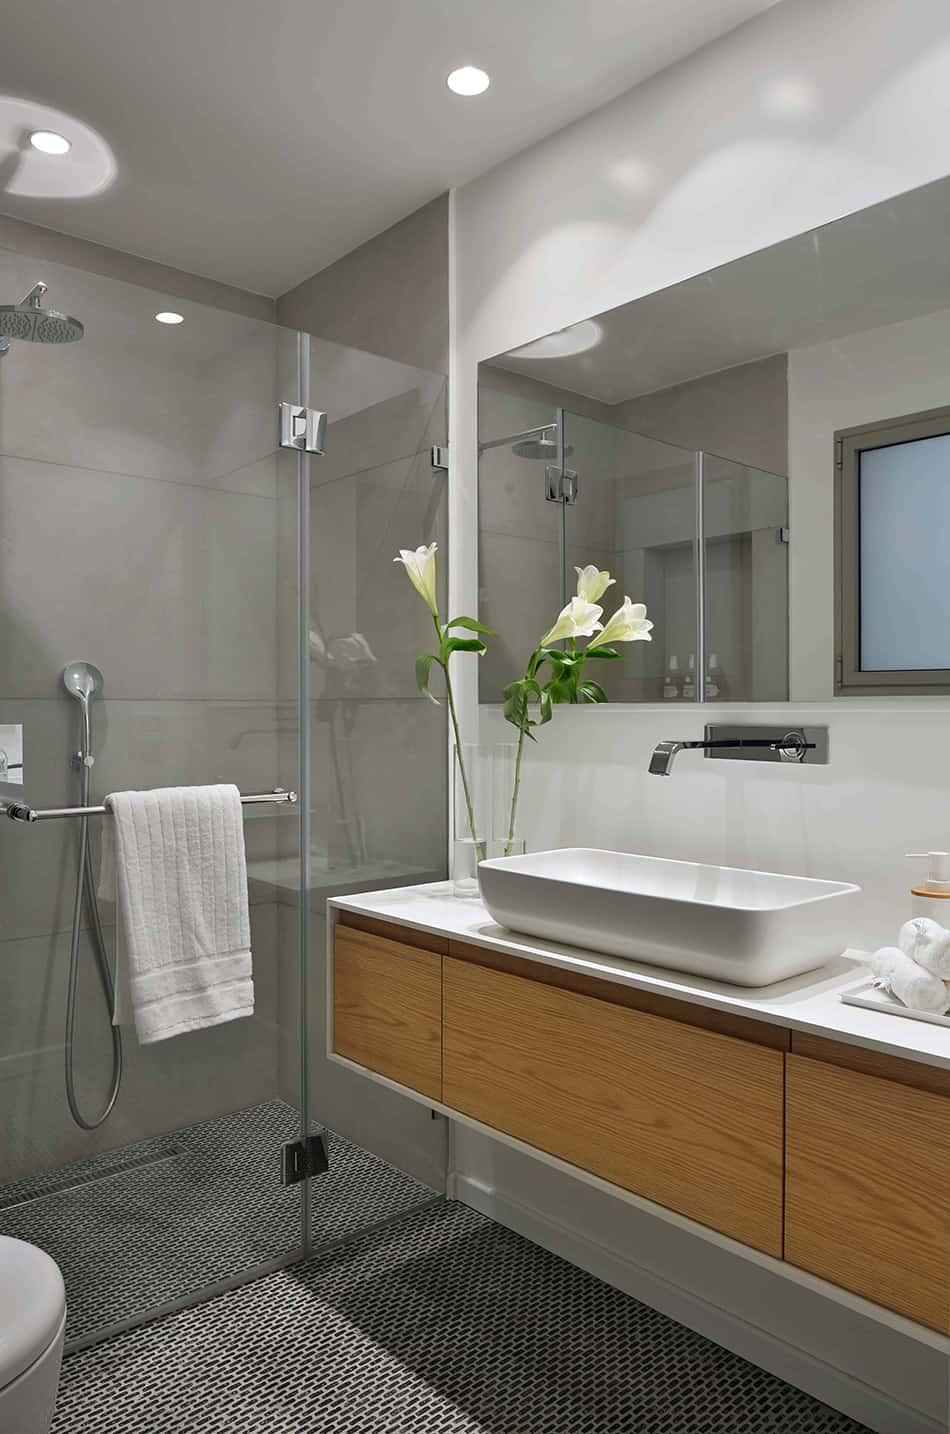 Choose Frameless Glass for the Shower